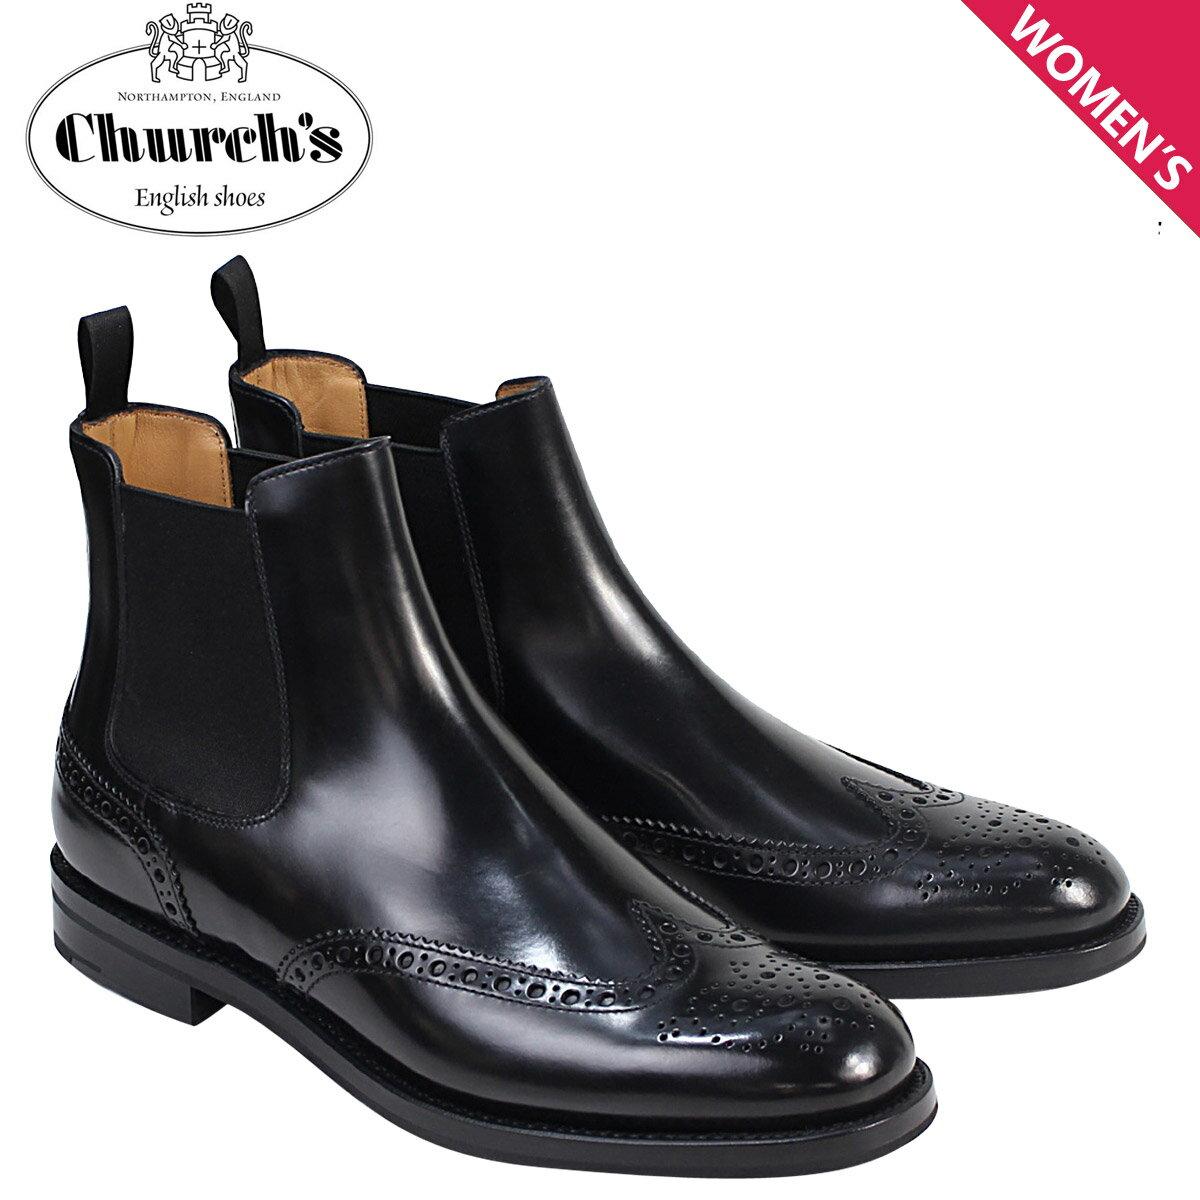 Churchs Ketsby WG Polish Binder Calf 靴 レディース チャーチ ブーツ サイドゴア ショートブーツ ウイングチップ 8706 DT0001 ブラック [12/21 再入荷] [1712]